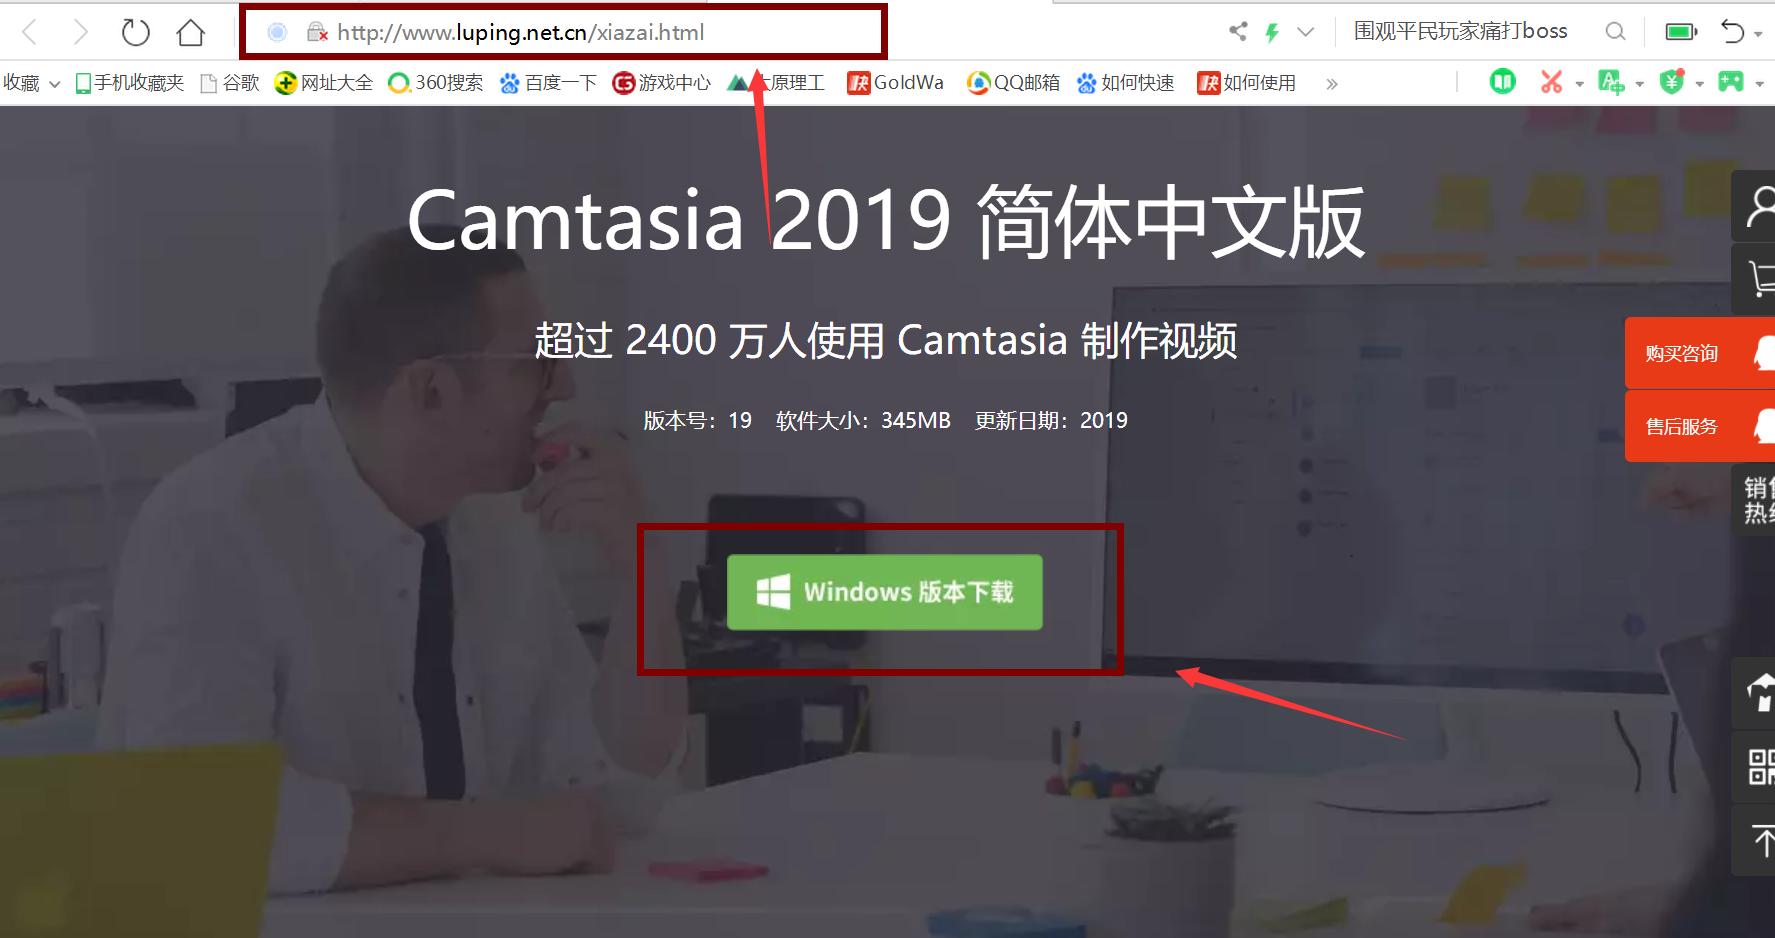 图片1:Camtasia 2019(Win系统)下载地址